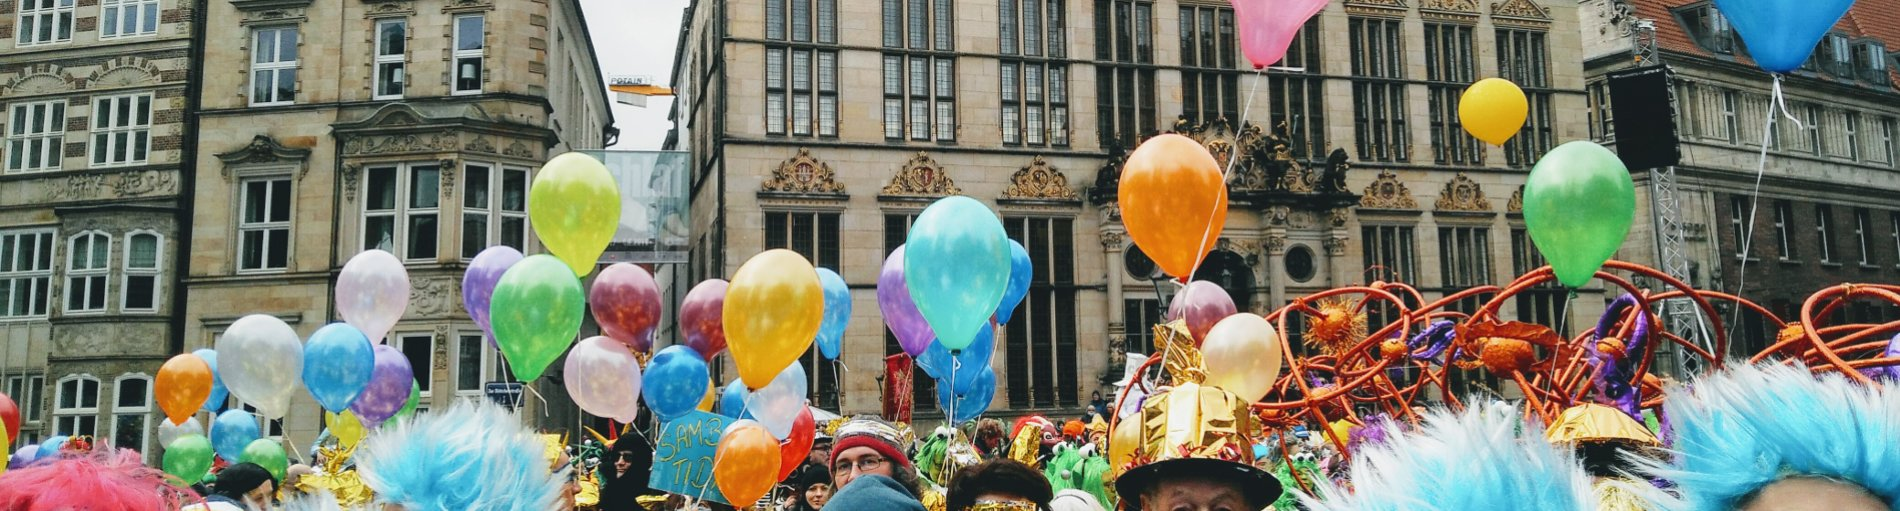 Luftballons vor dem Bremer Schütting beim Bremer Karneval